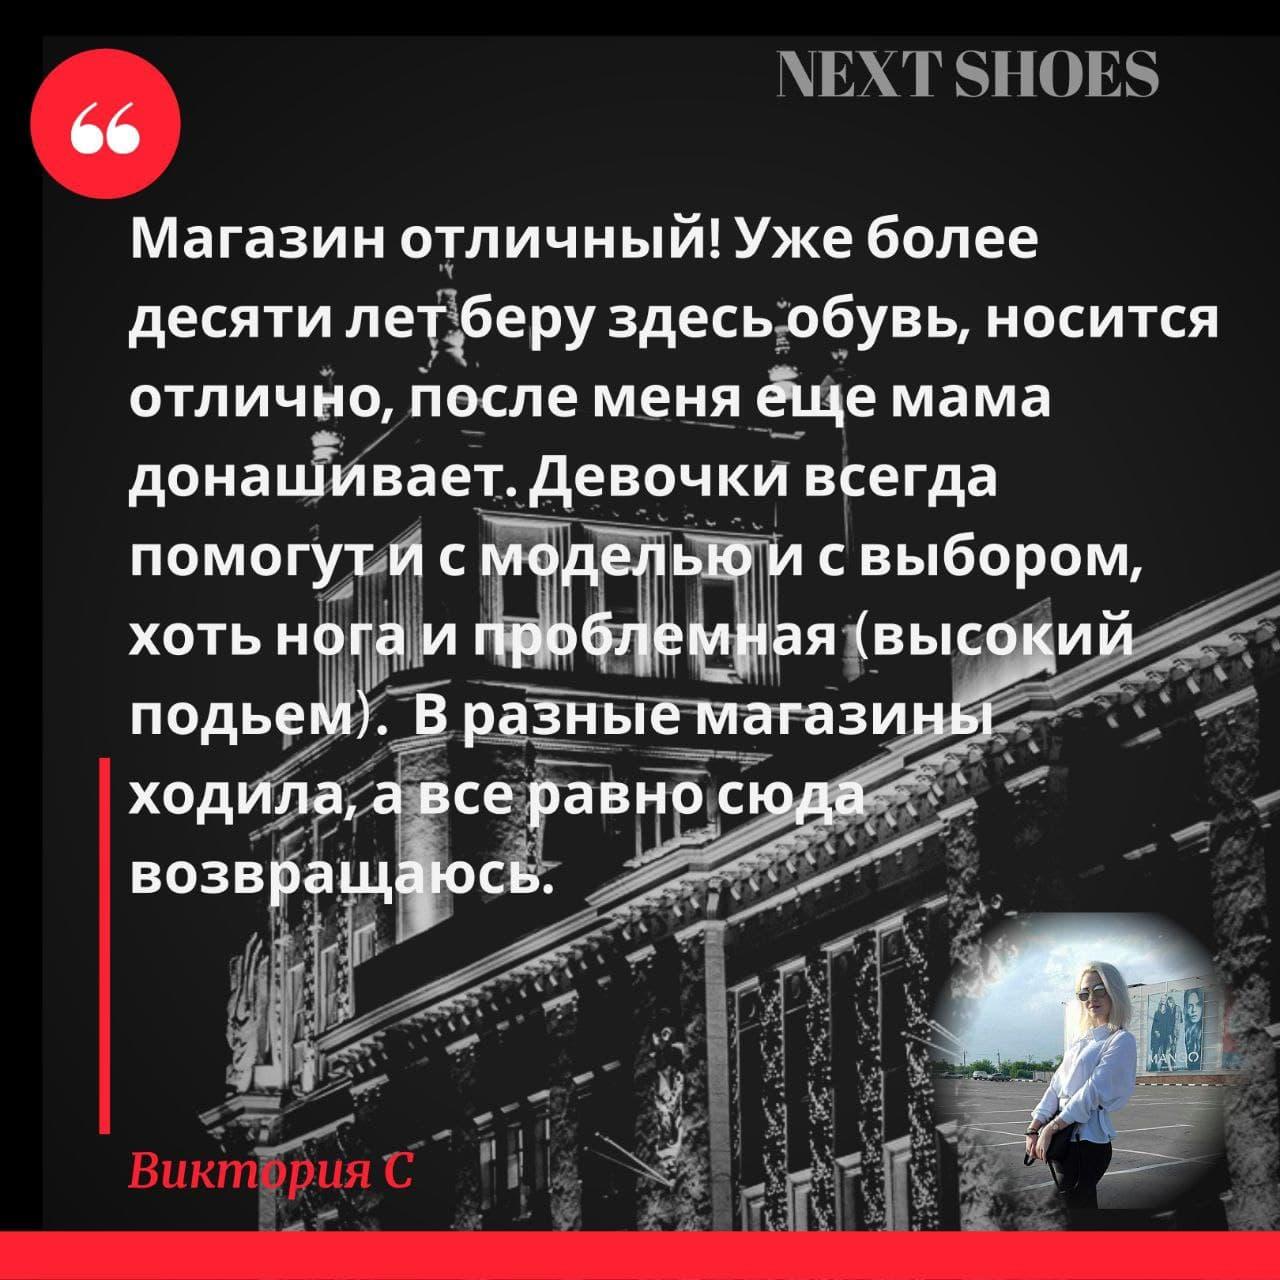 Отзывы об интернет-магазине мужской и женской обуви в Украине NEXT SHOES Виктория С